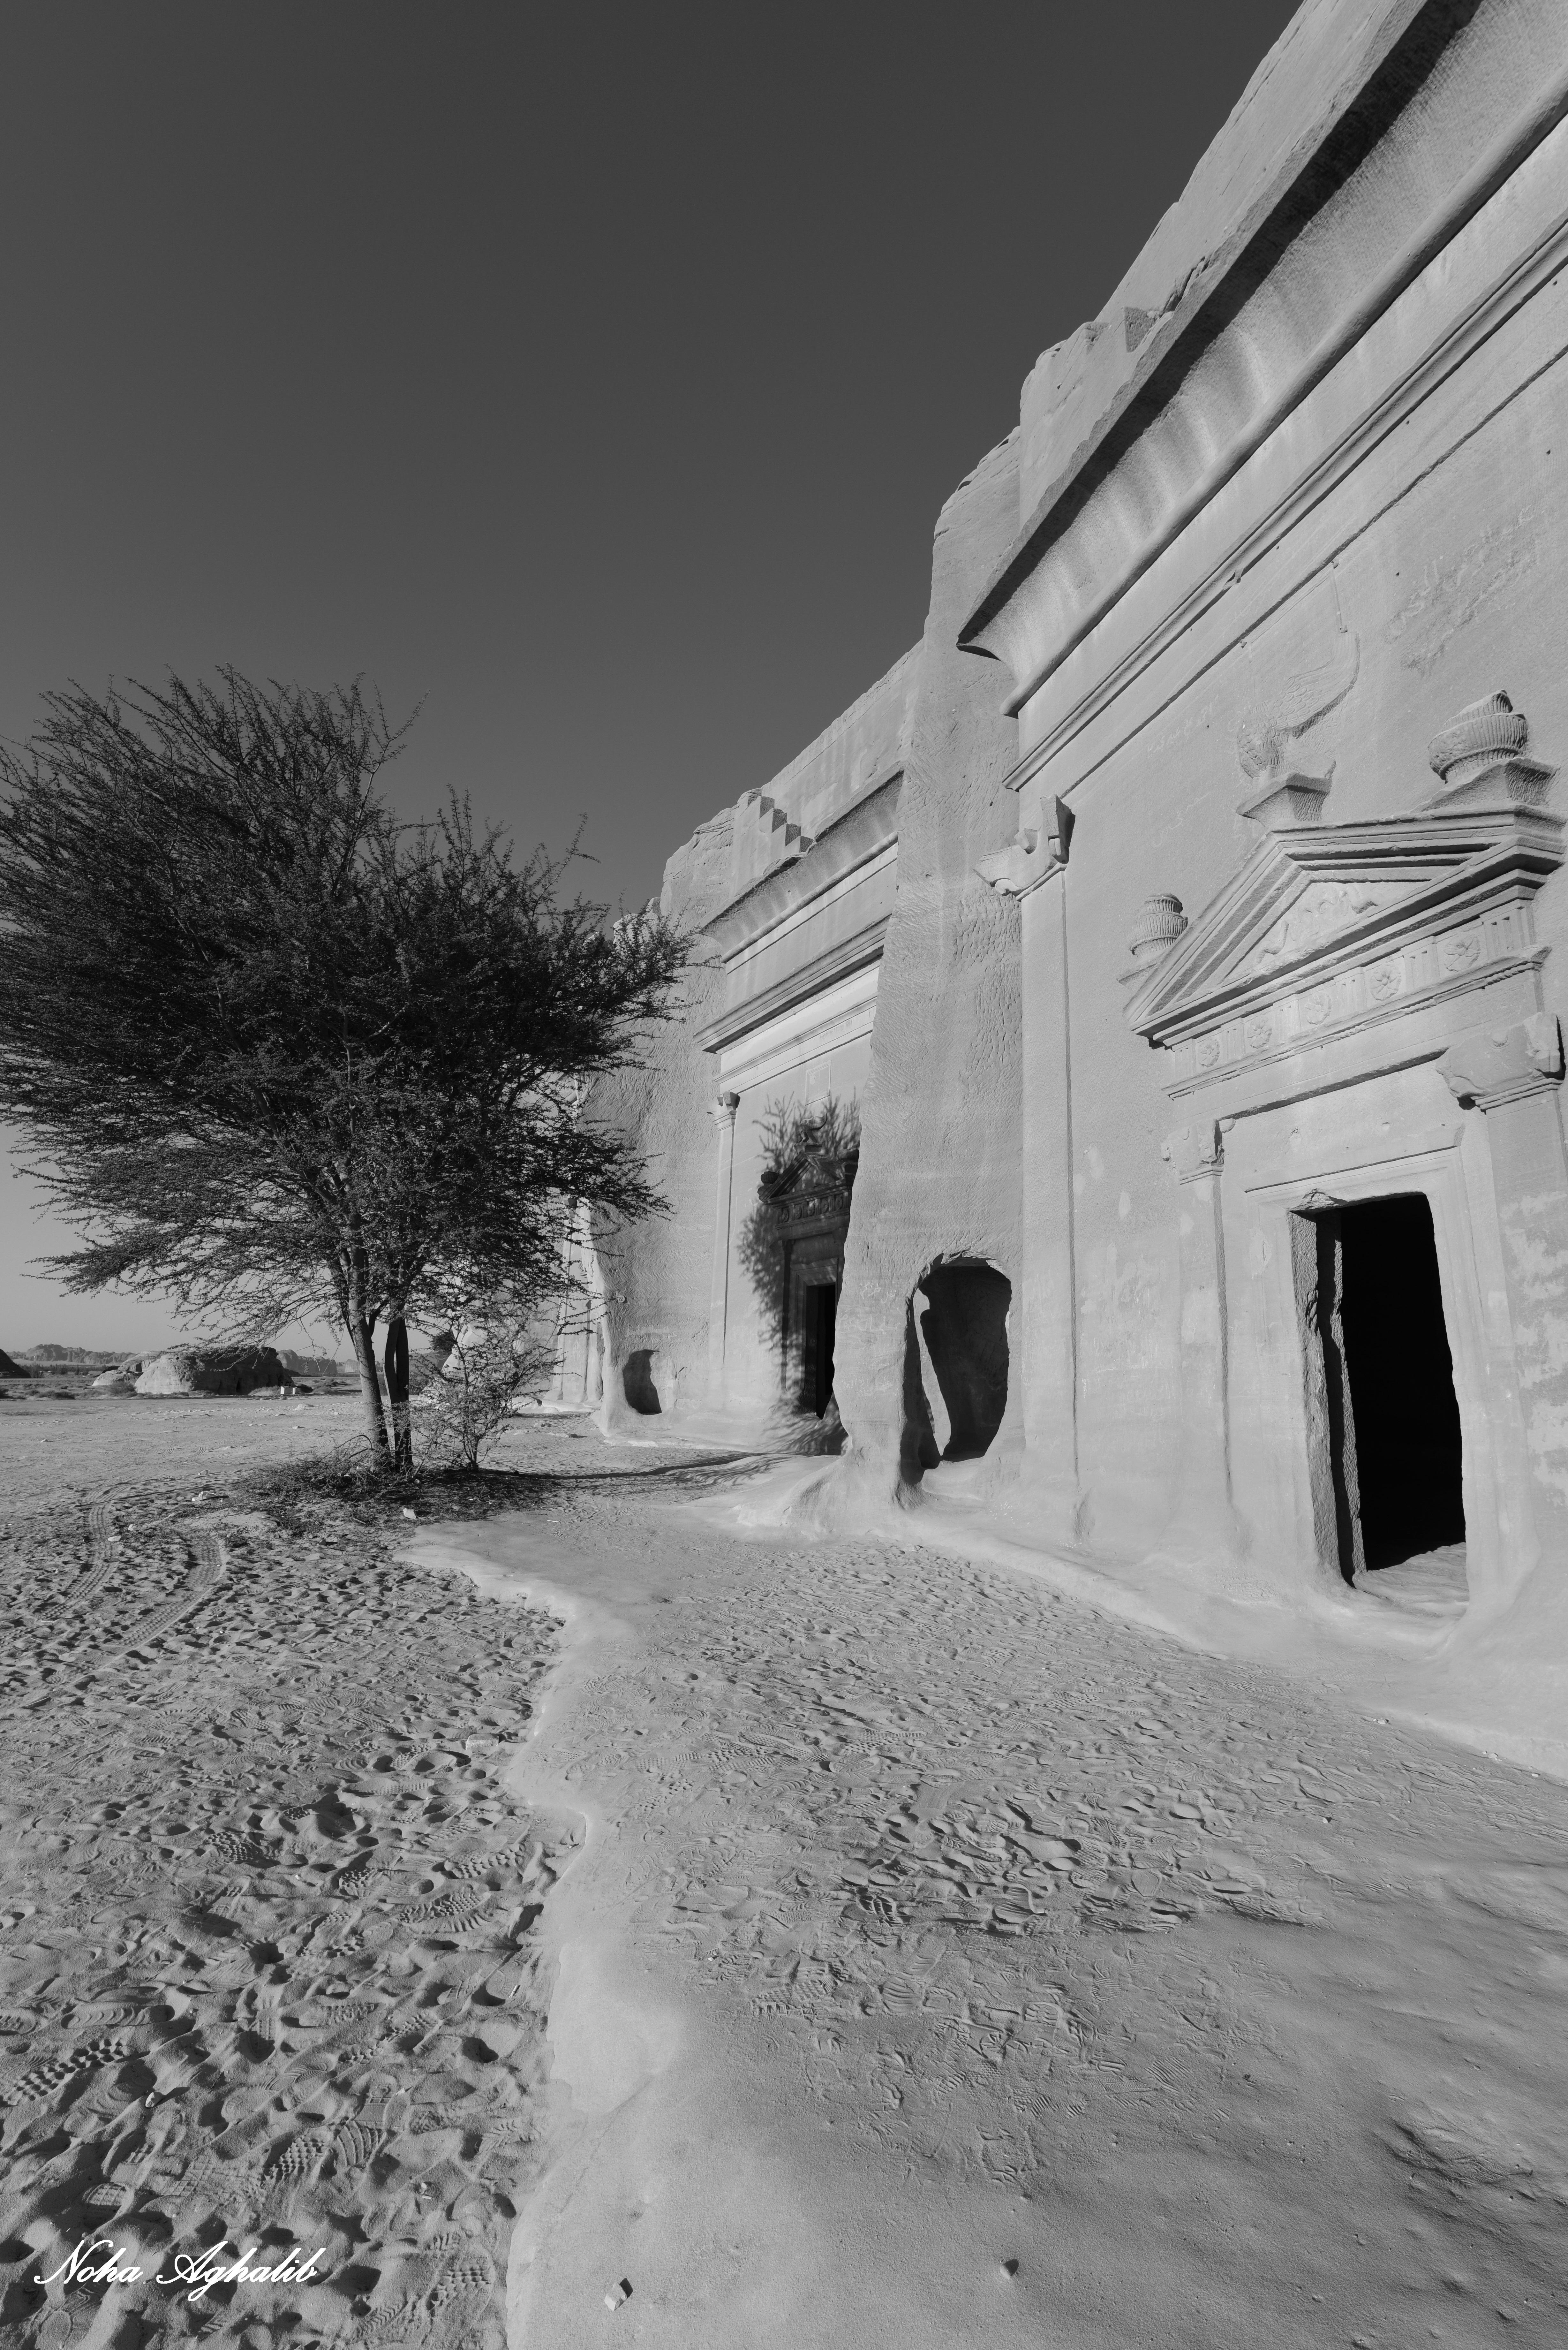 Mada'in Saleh,Saudi Arabia